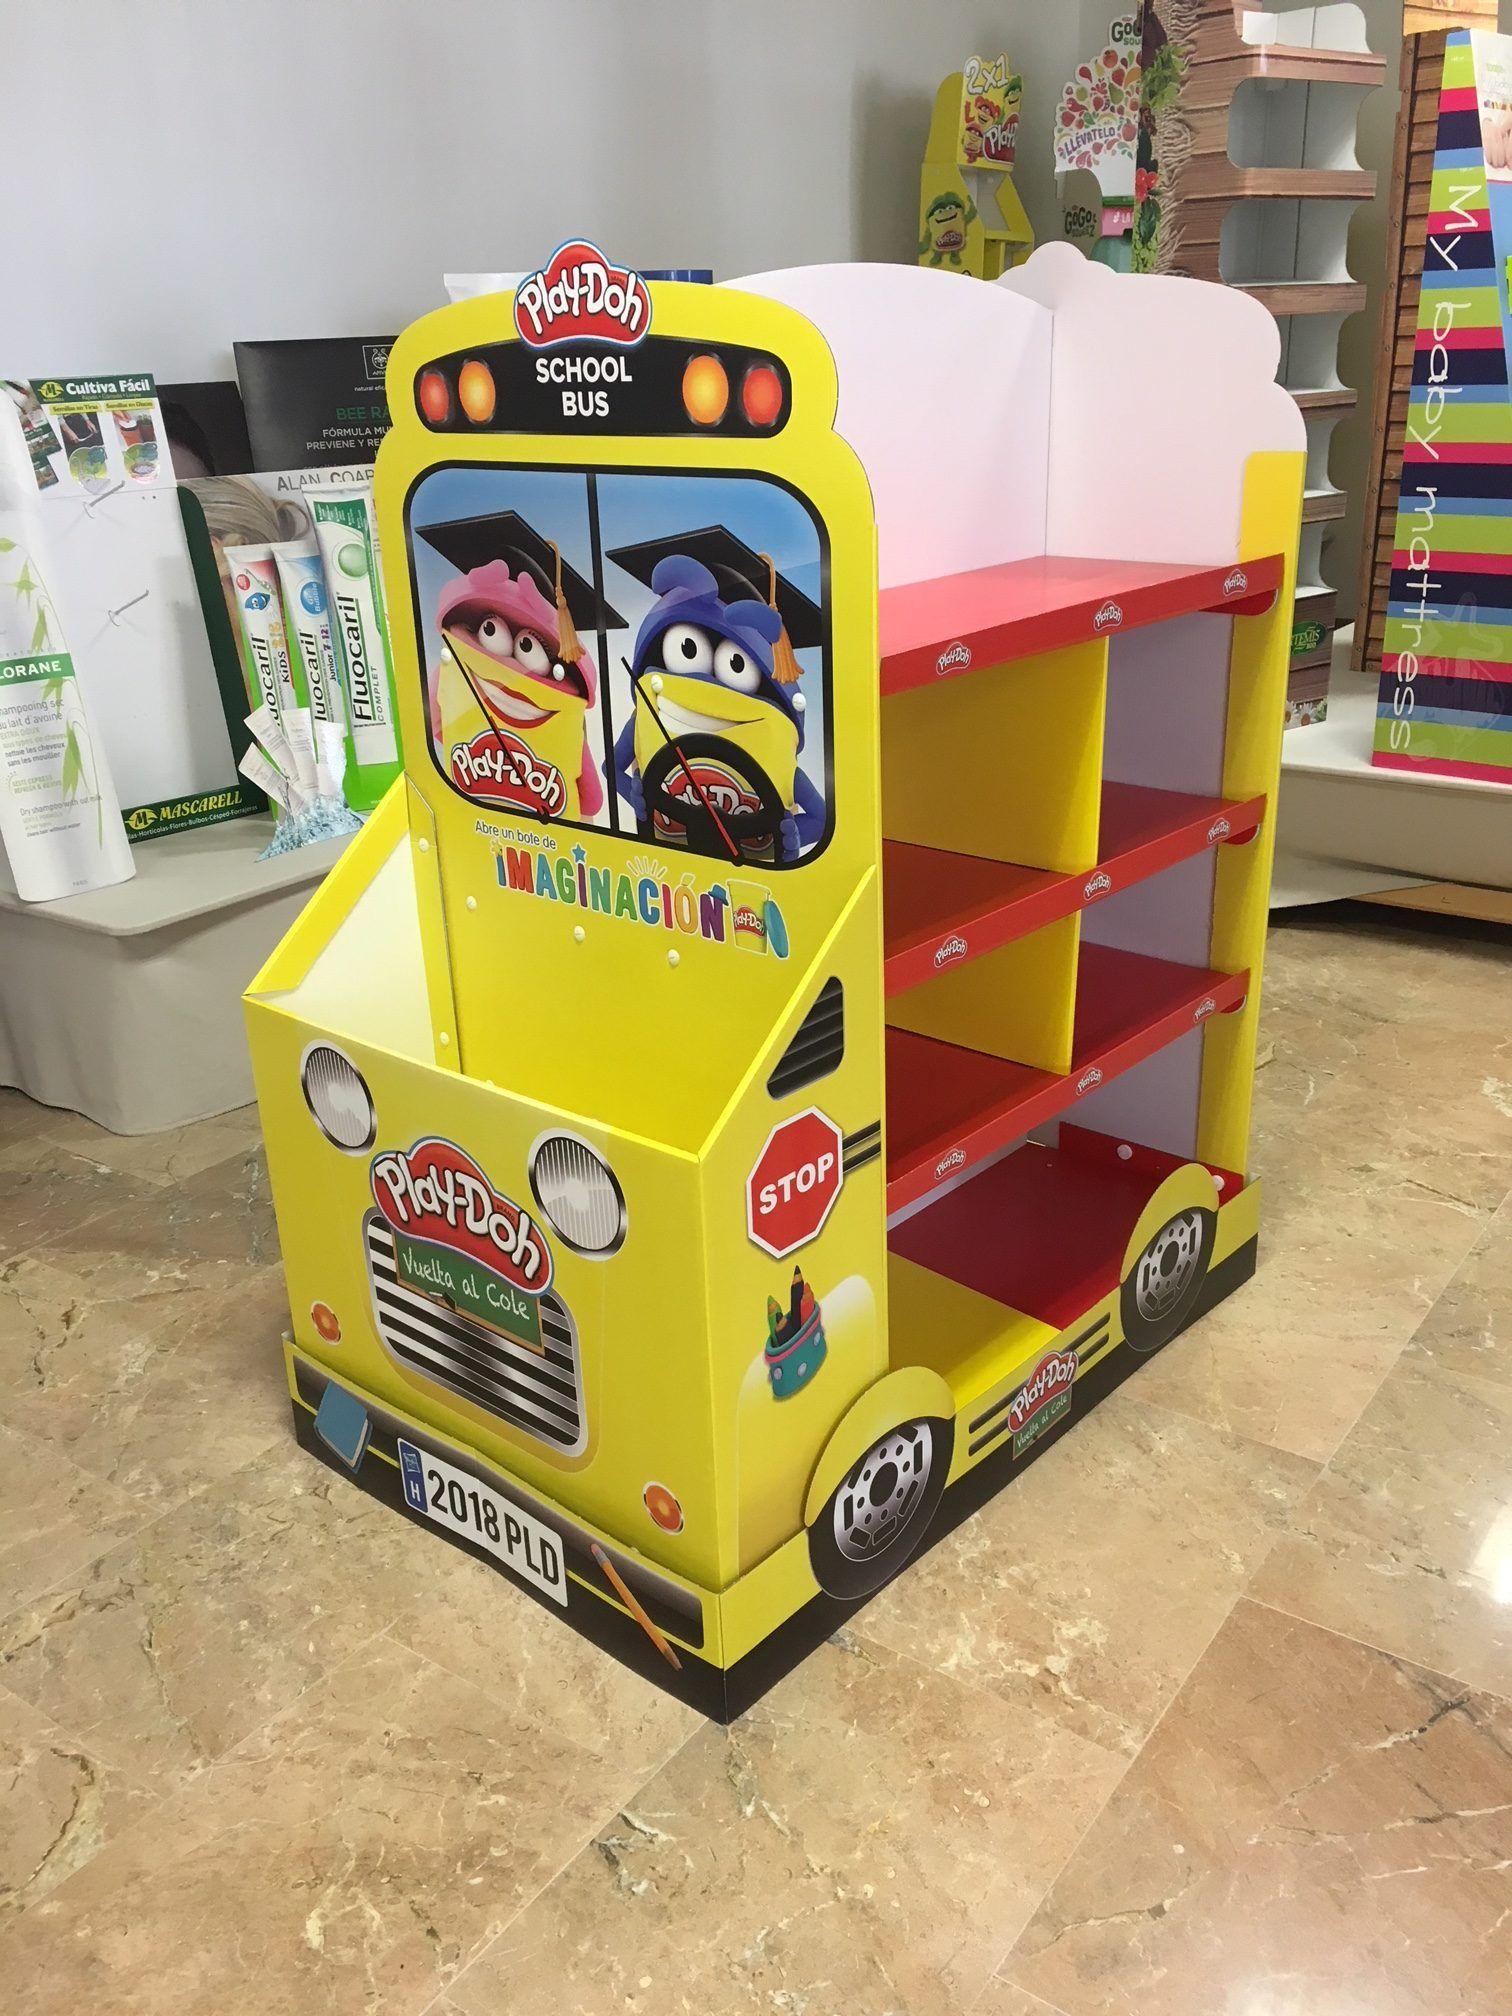 Expositores para tiendas en carton, 10 consejos para atraer más clientes en el punto de venta – Garoo.es